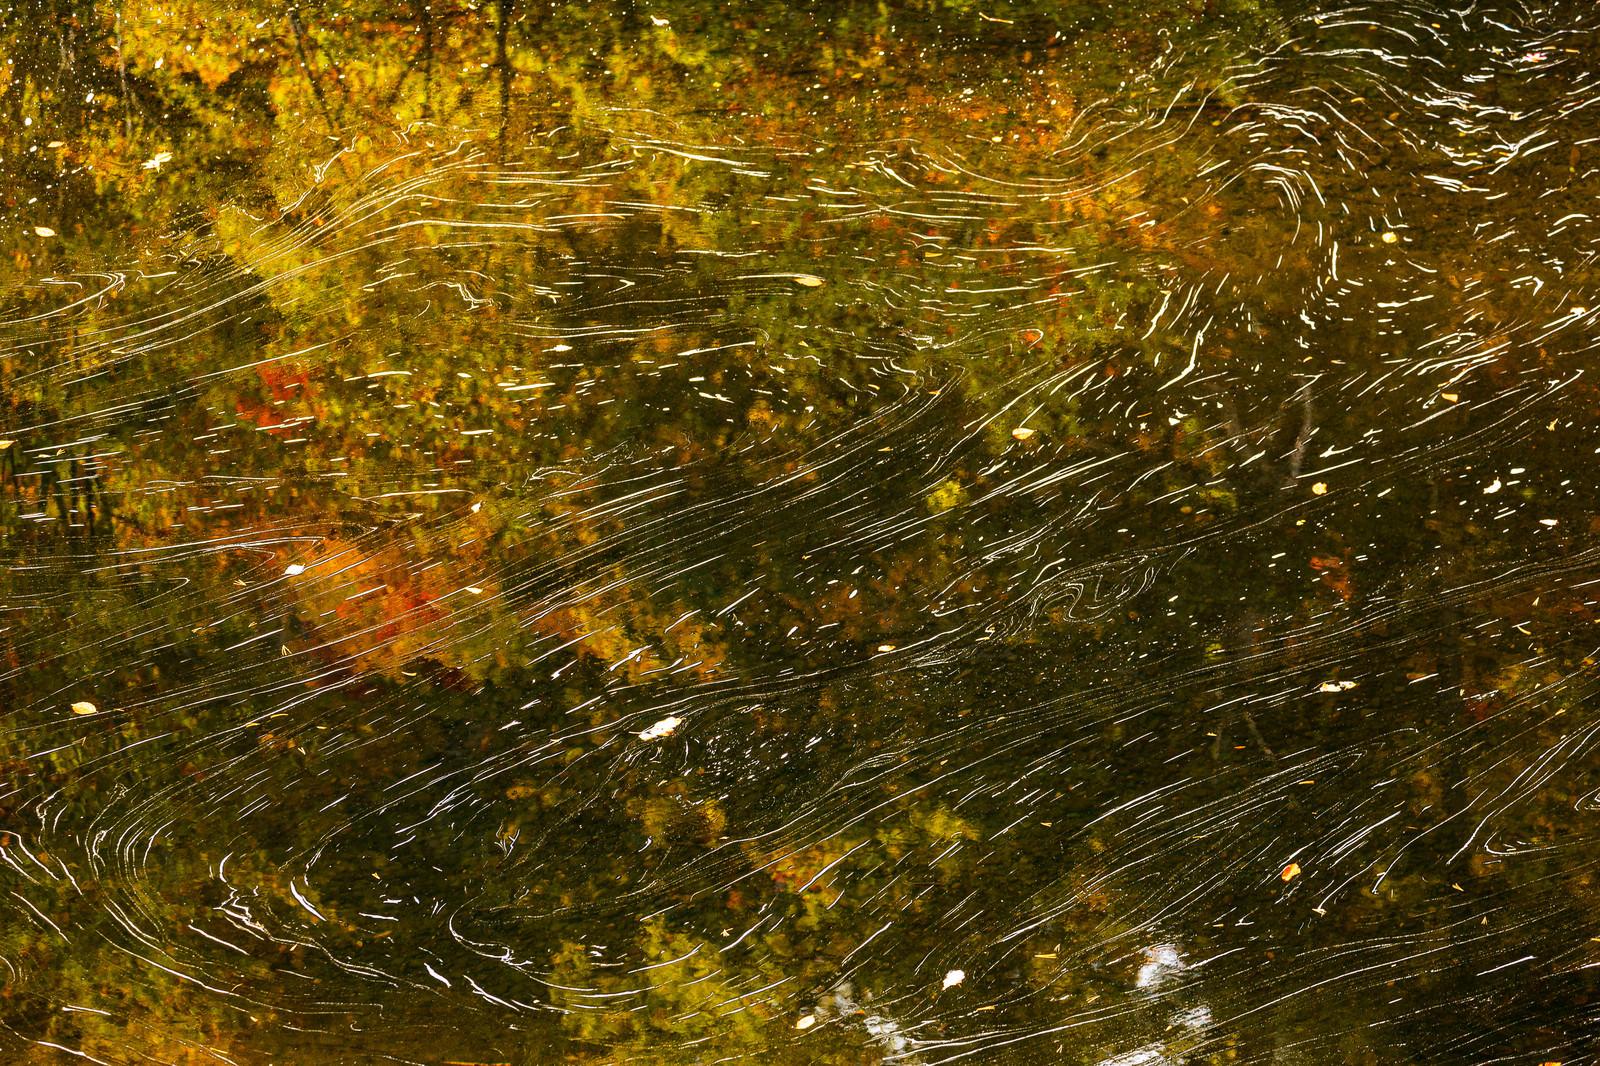 「水面に映る紅葉と泡の流れ」の写真